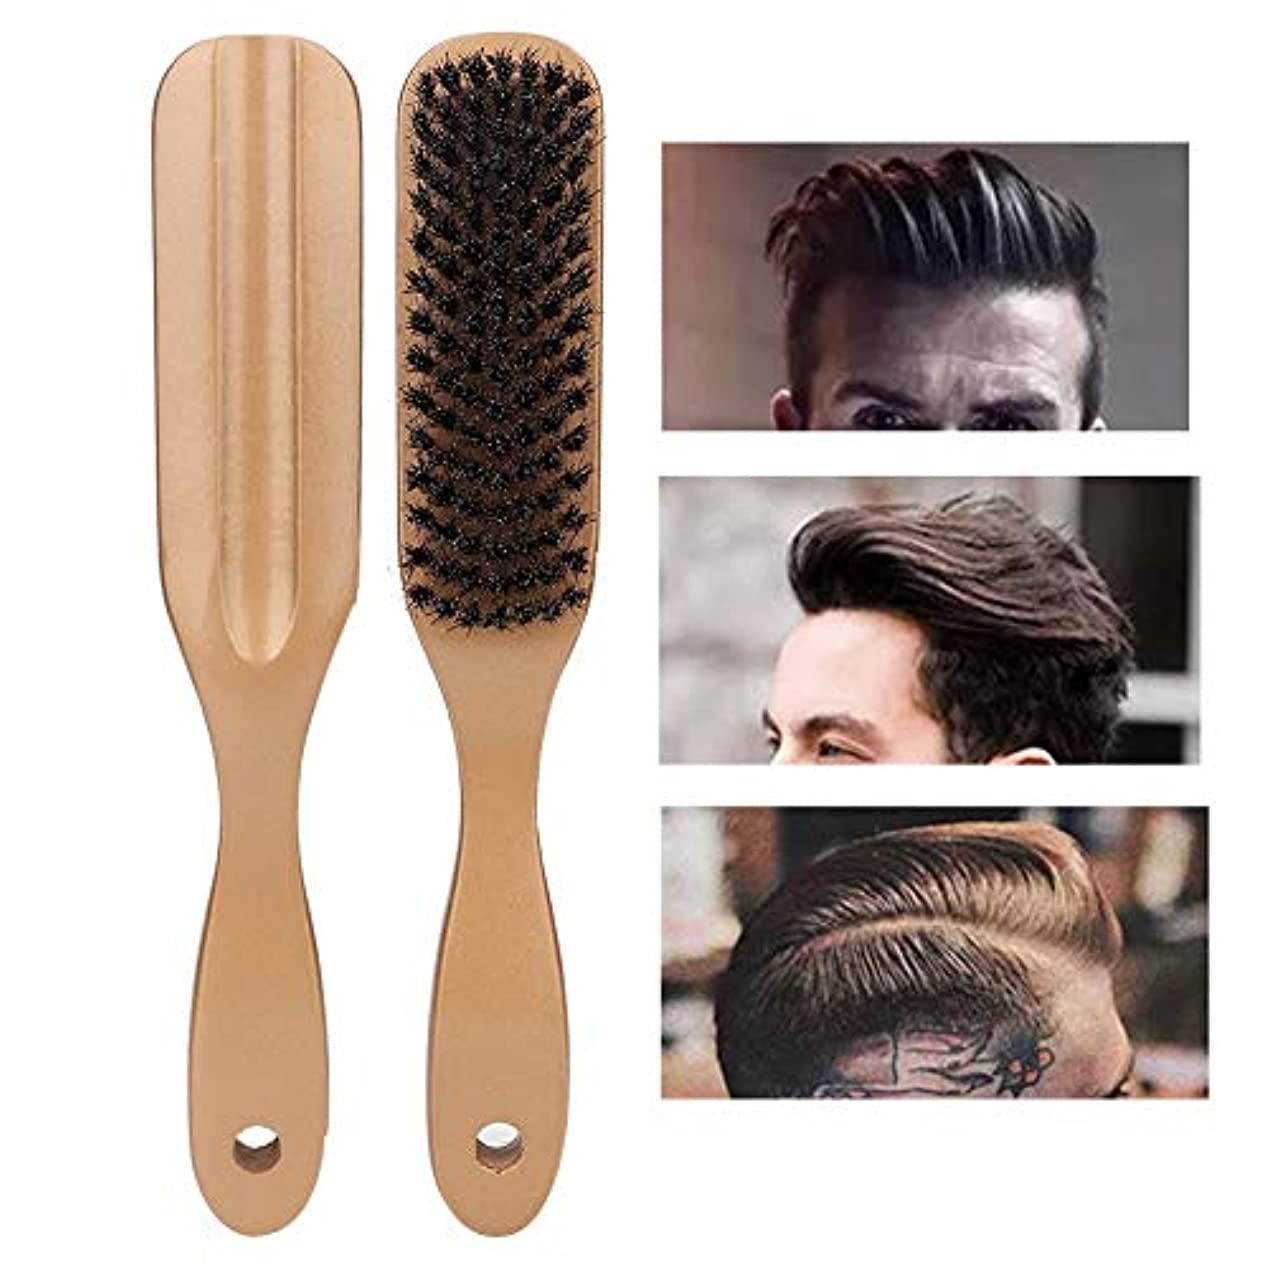 気難しいカメラホステル人のひげの櫛のブラシオイルのヘッドブラシのヘアーケア用具(ダークイエロー)